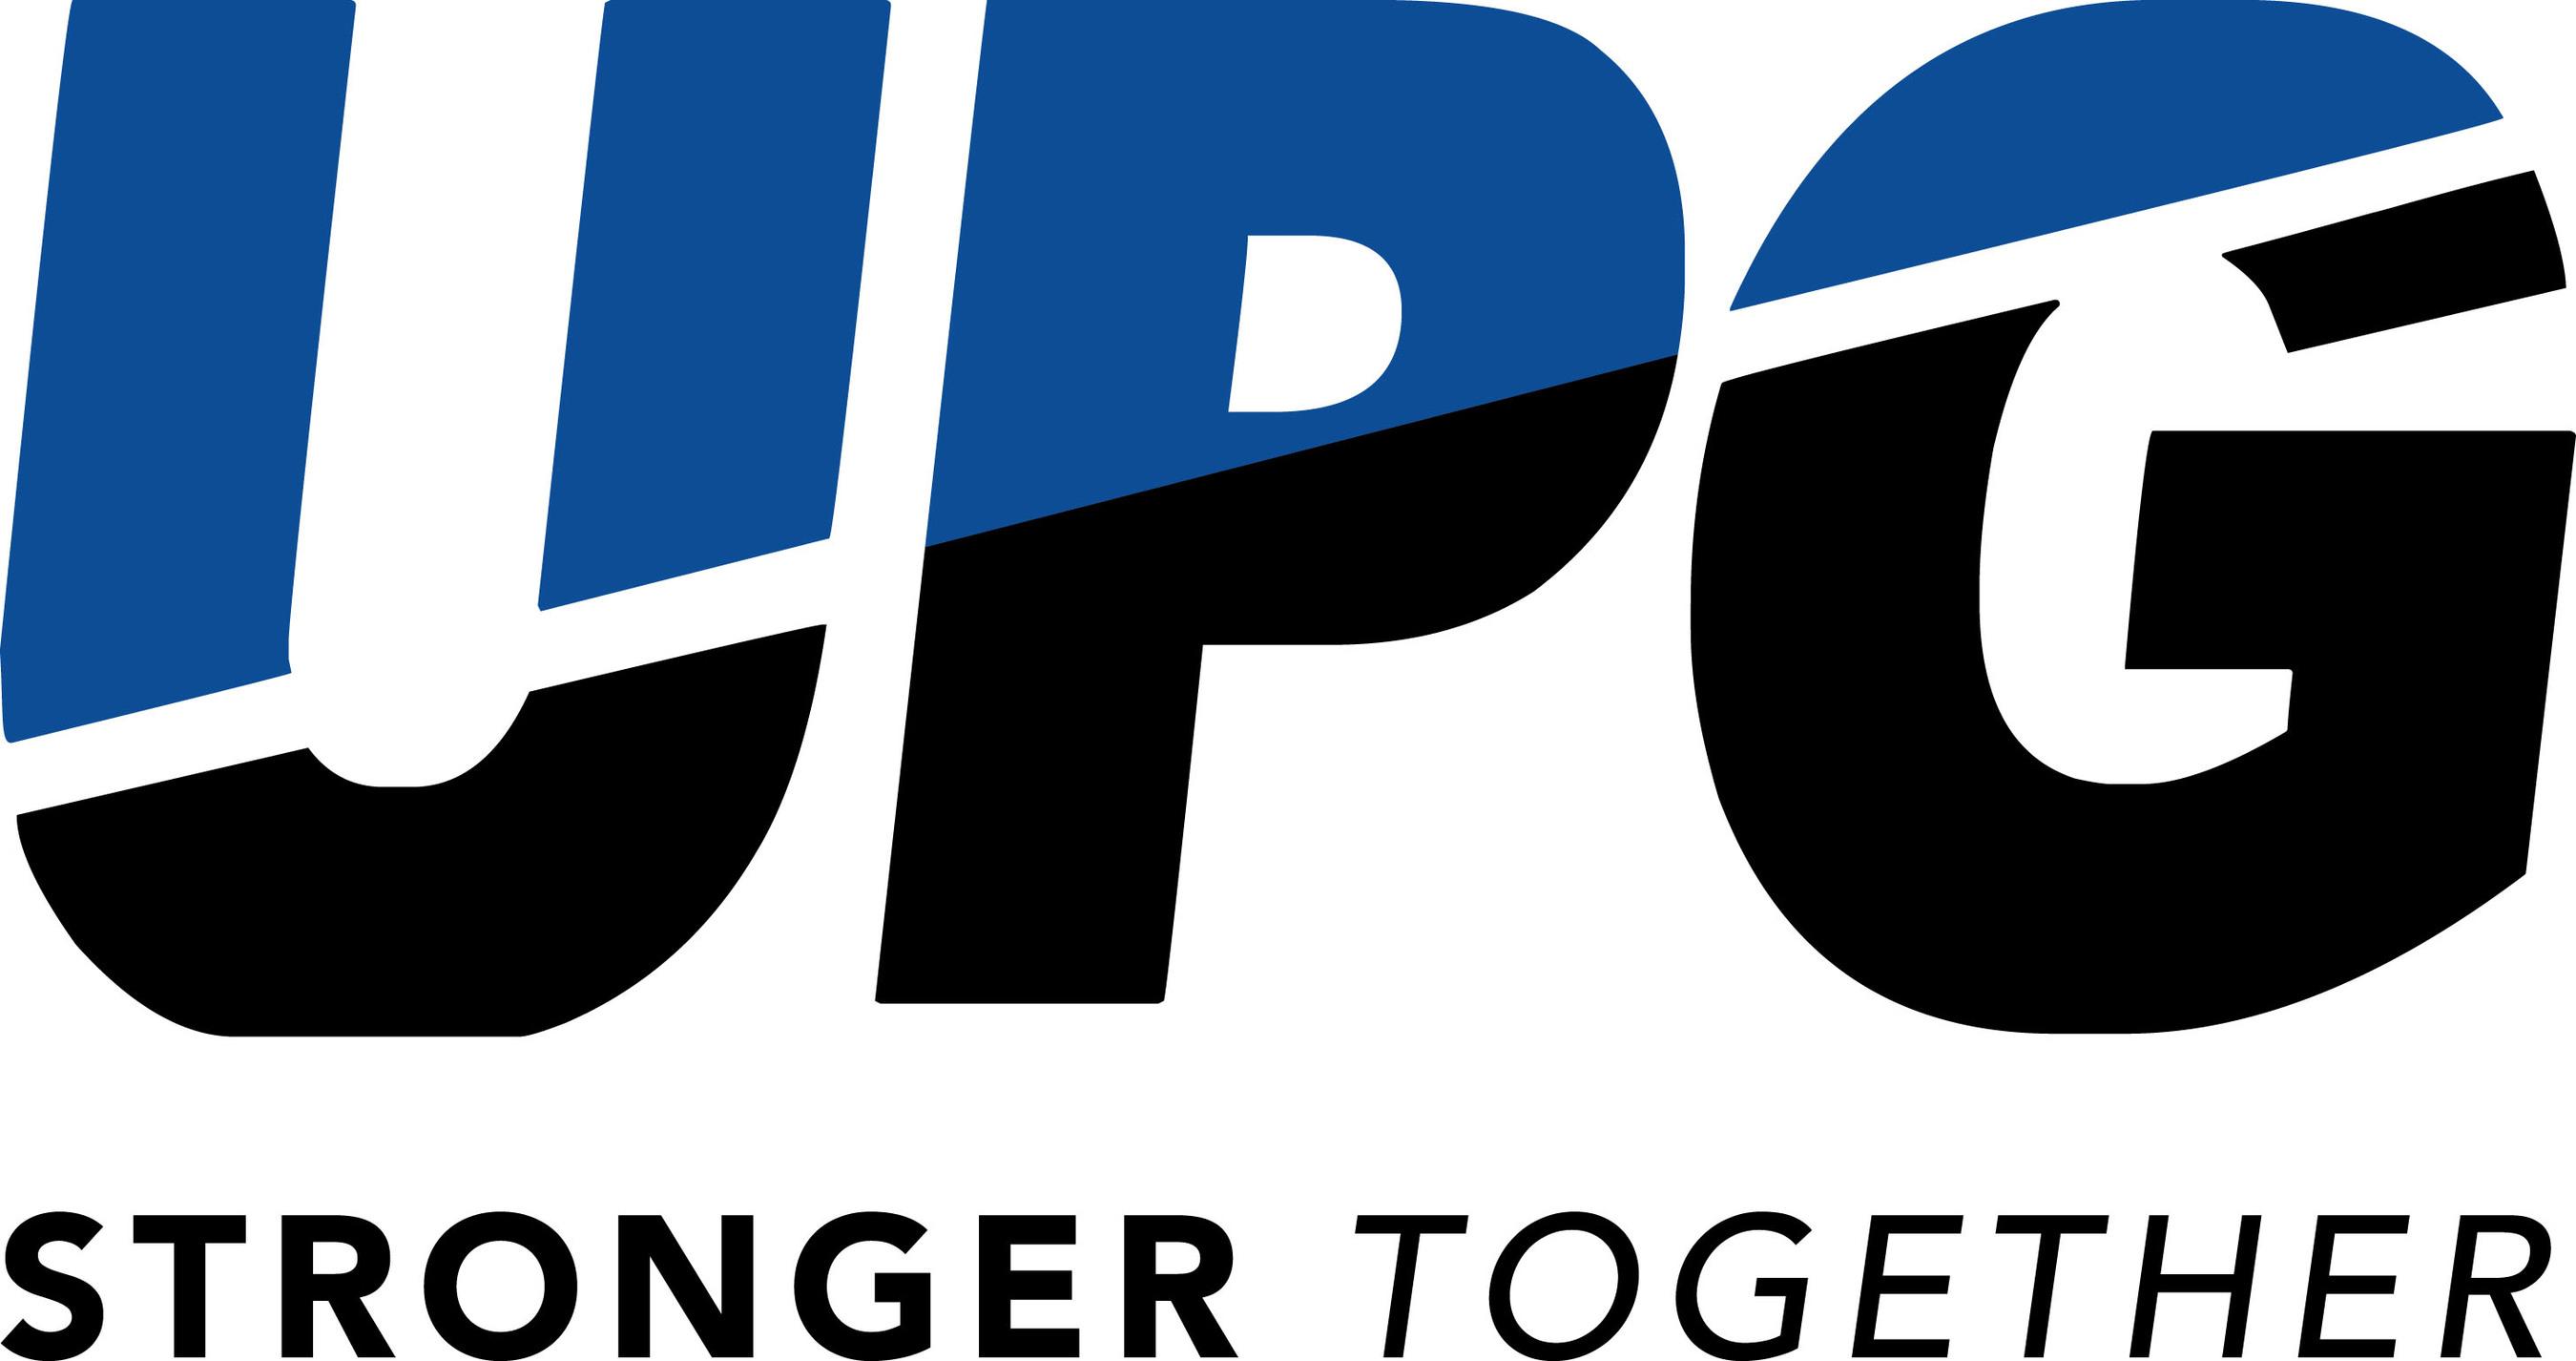 www.unionpartnersllc.com (PRNewsfoto/Union Partners LLC)